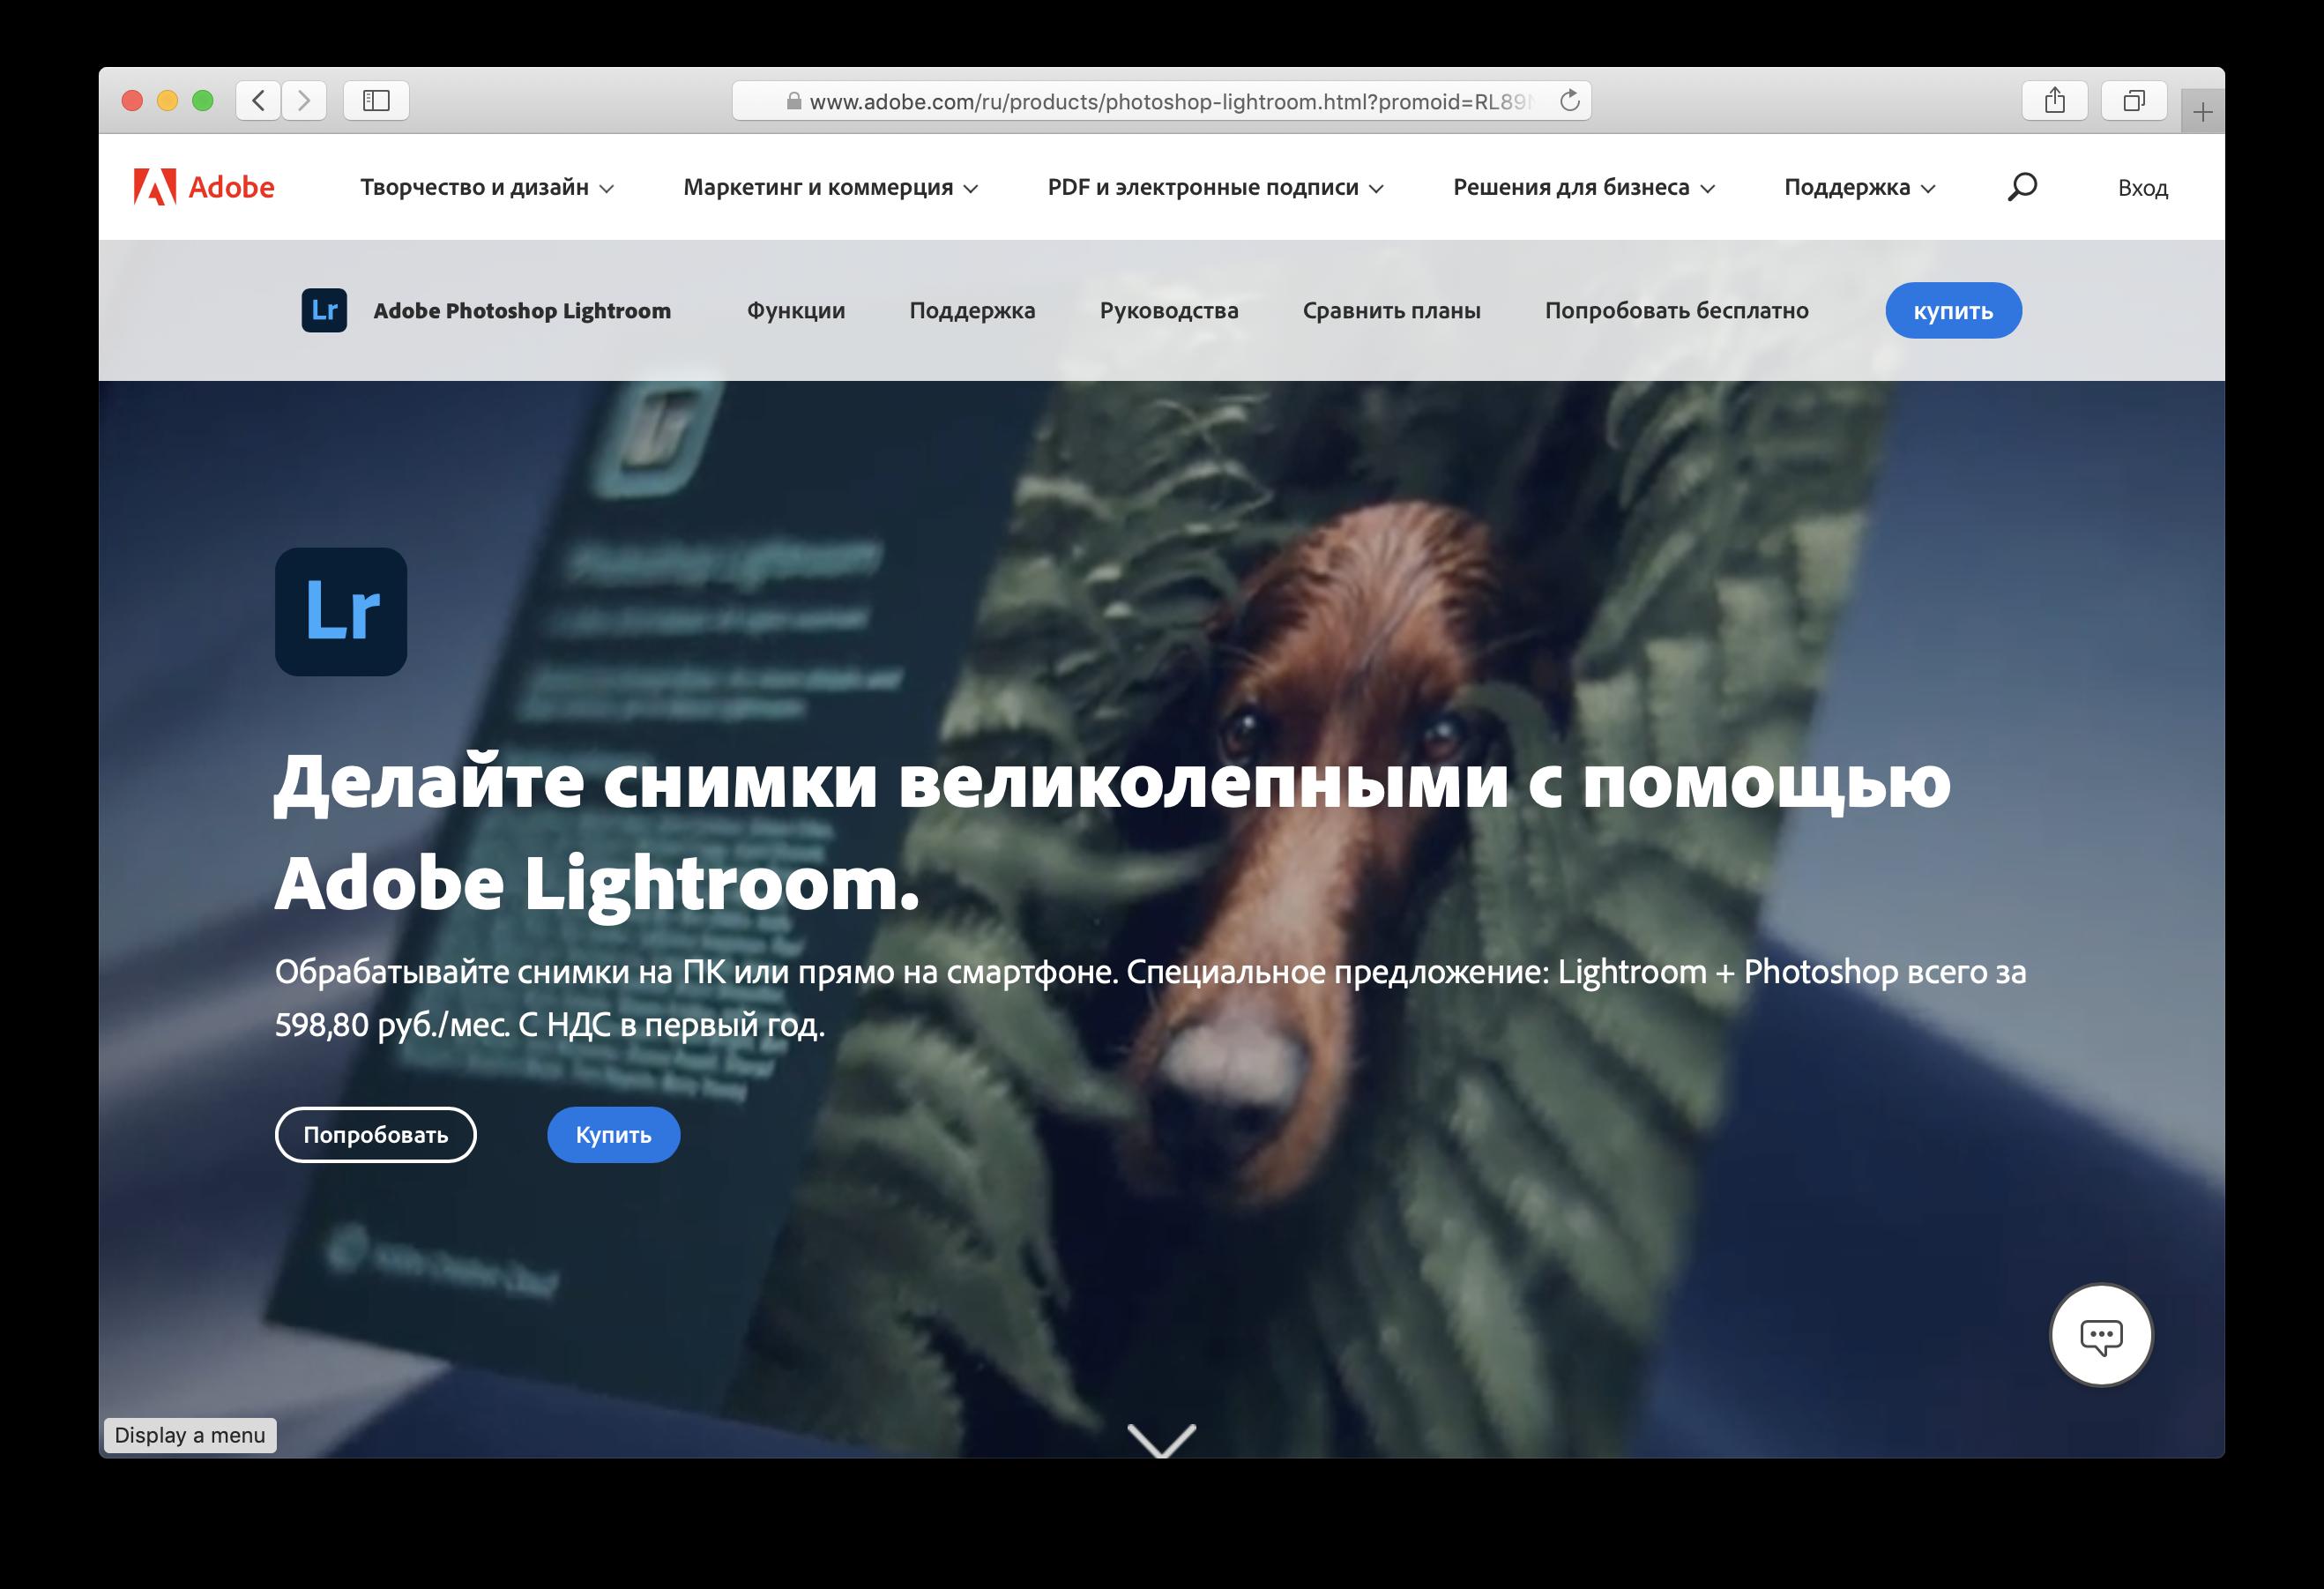 Скриншот с сайта Adobe